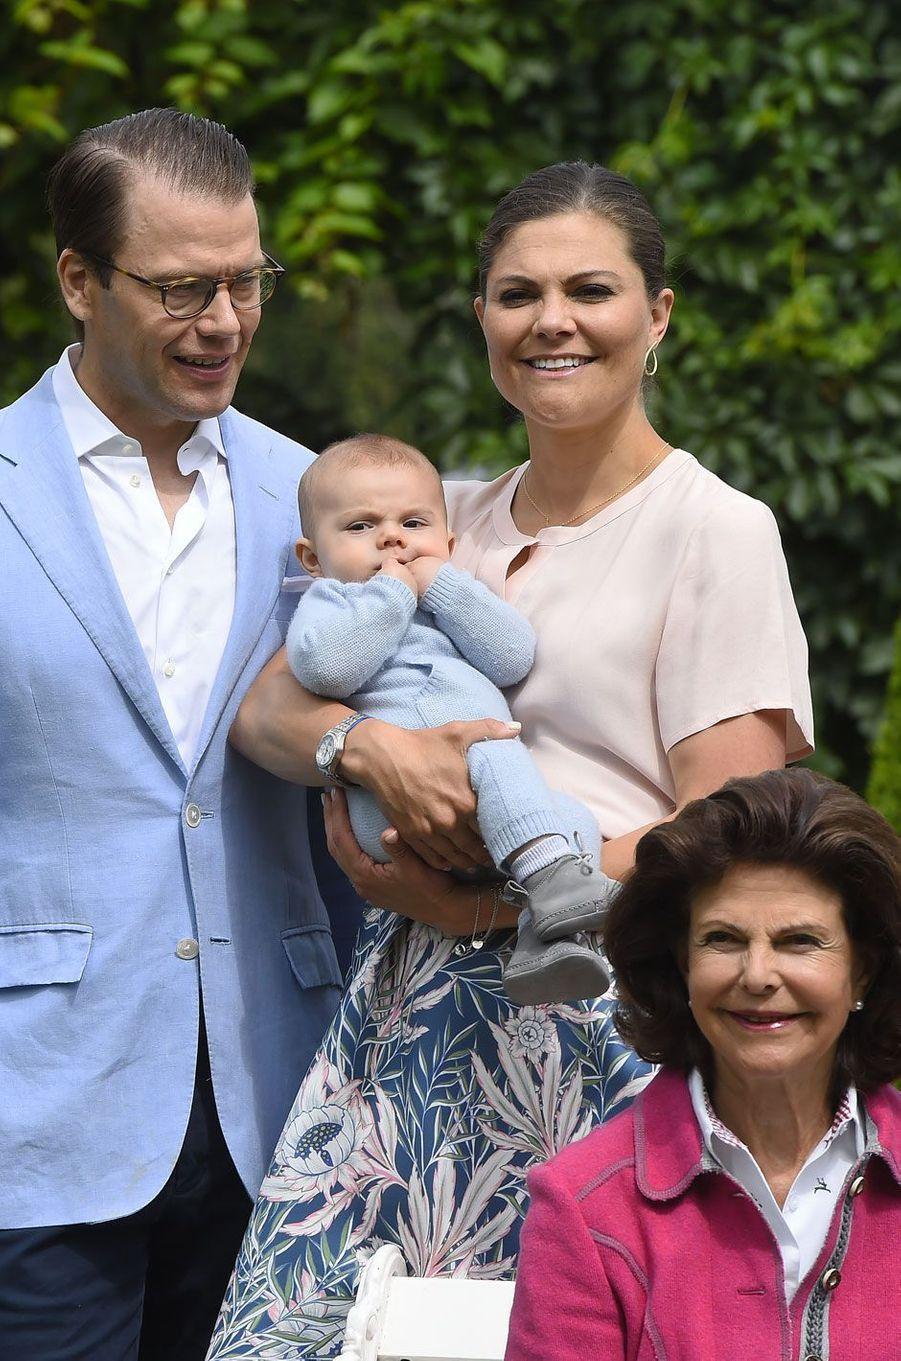 Les heureux parents d'Oscar, le prince Daniel et son épouse, la princesse Victoria, héritière du trône de Suède